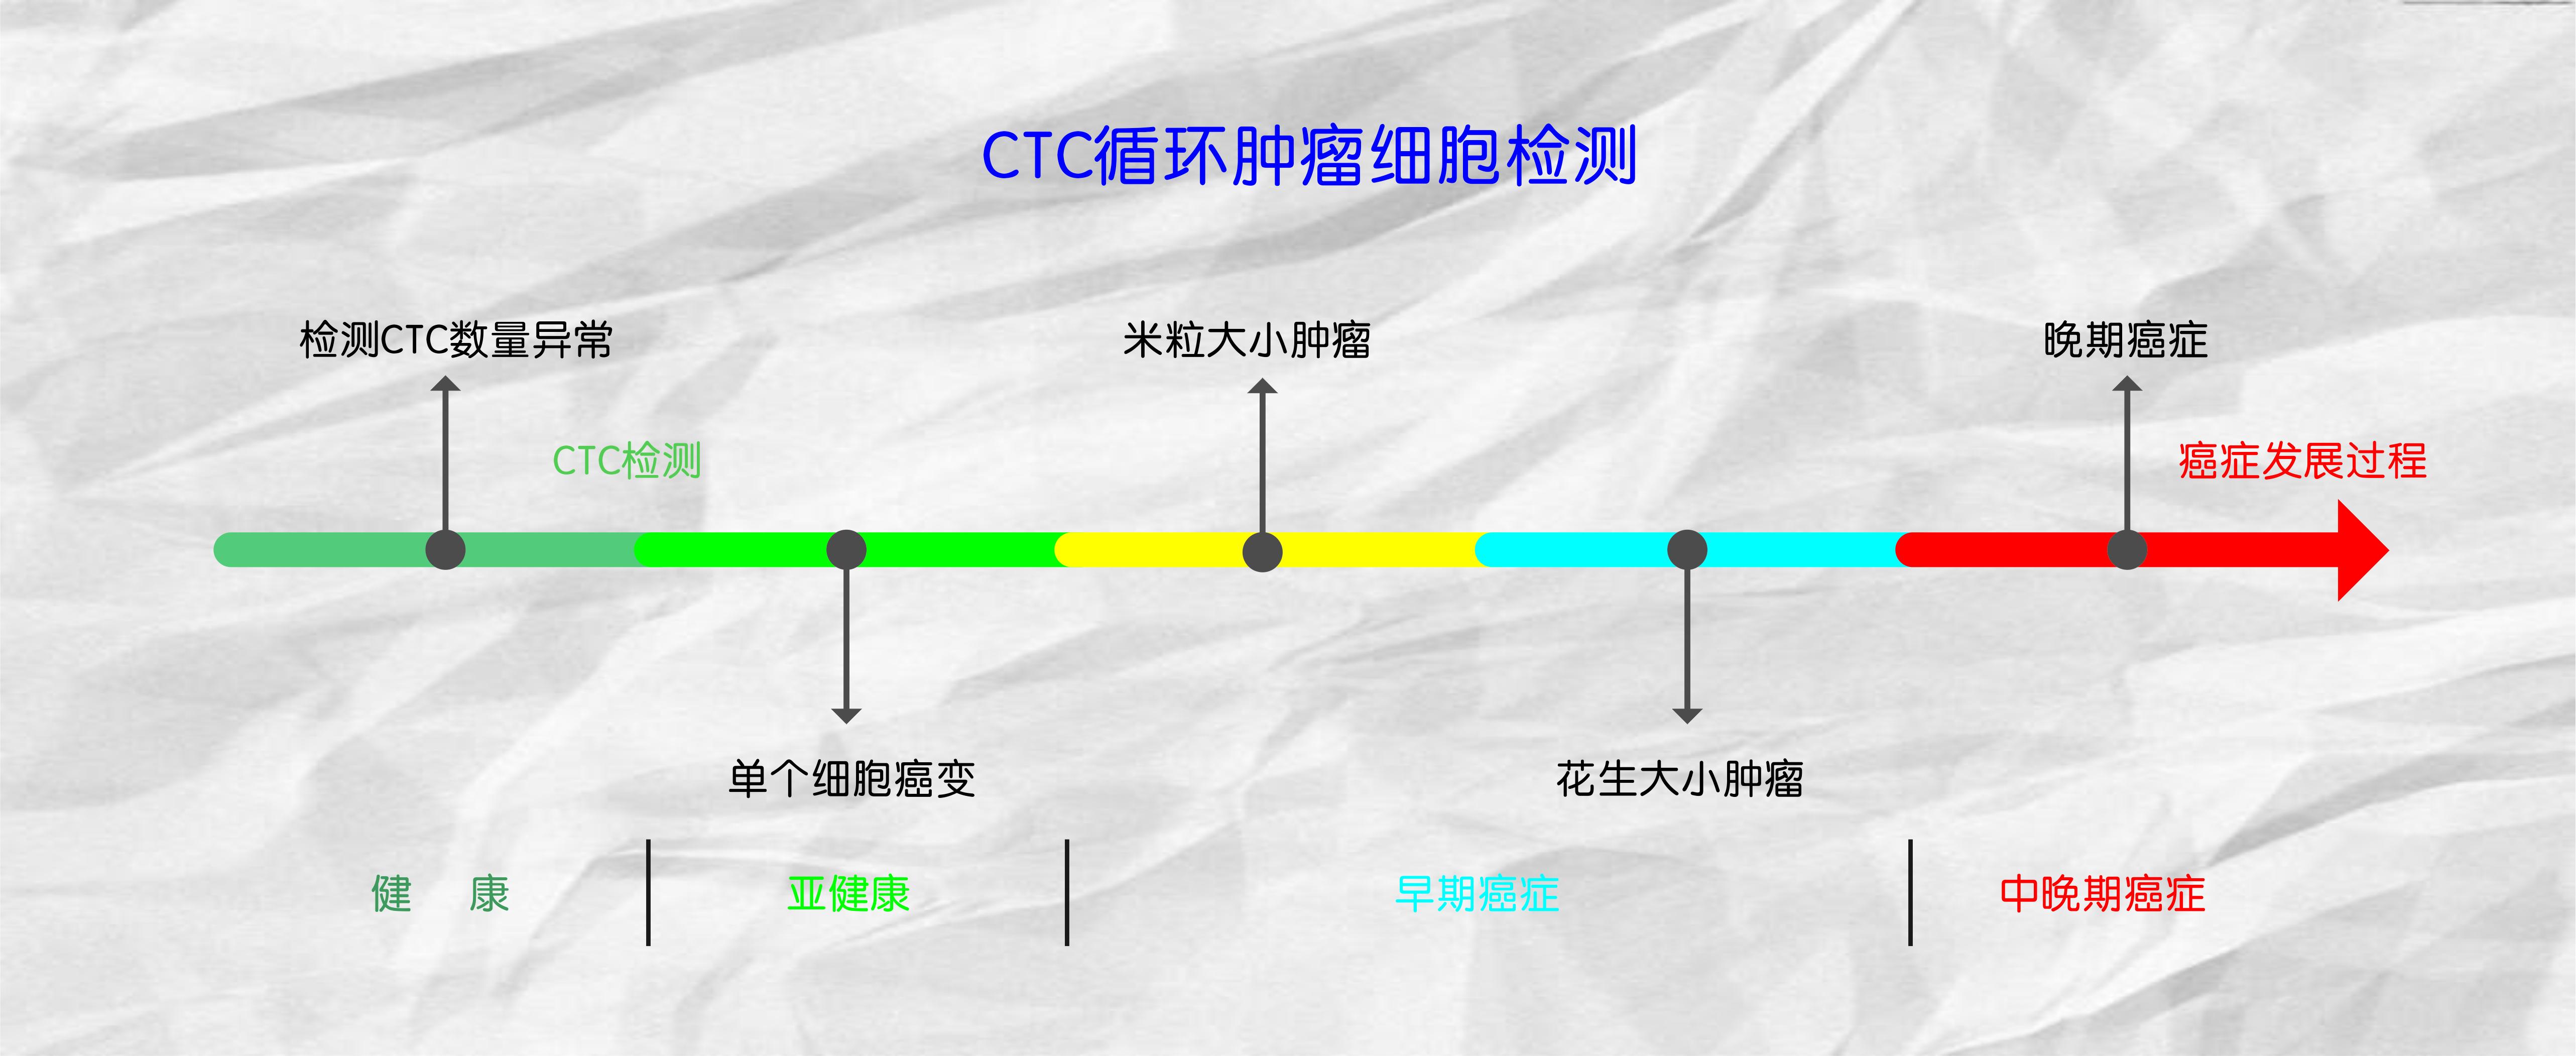 肿瘤精准治疗插图1